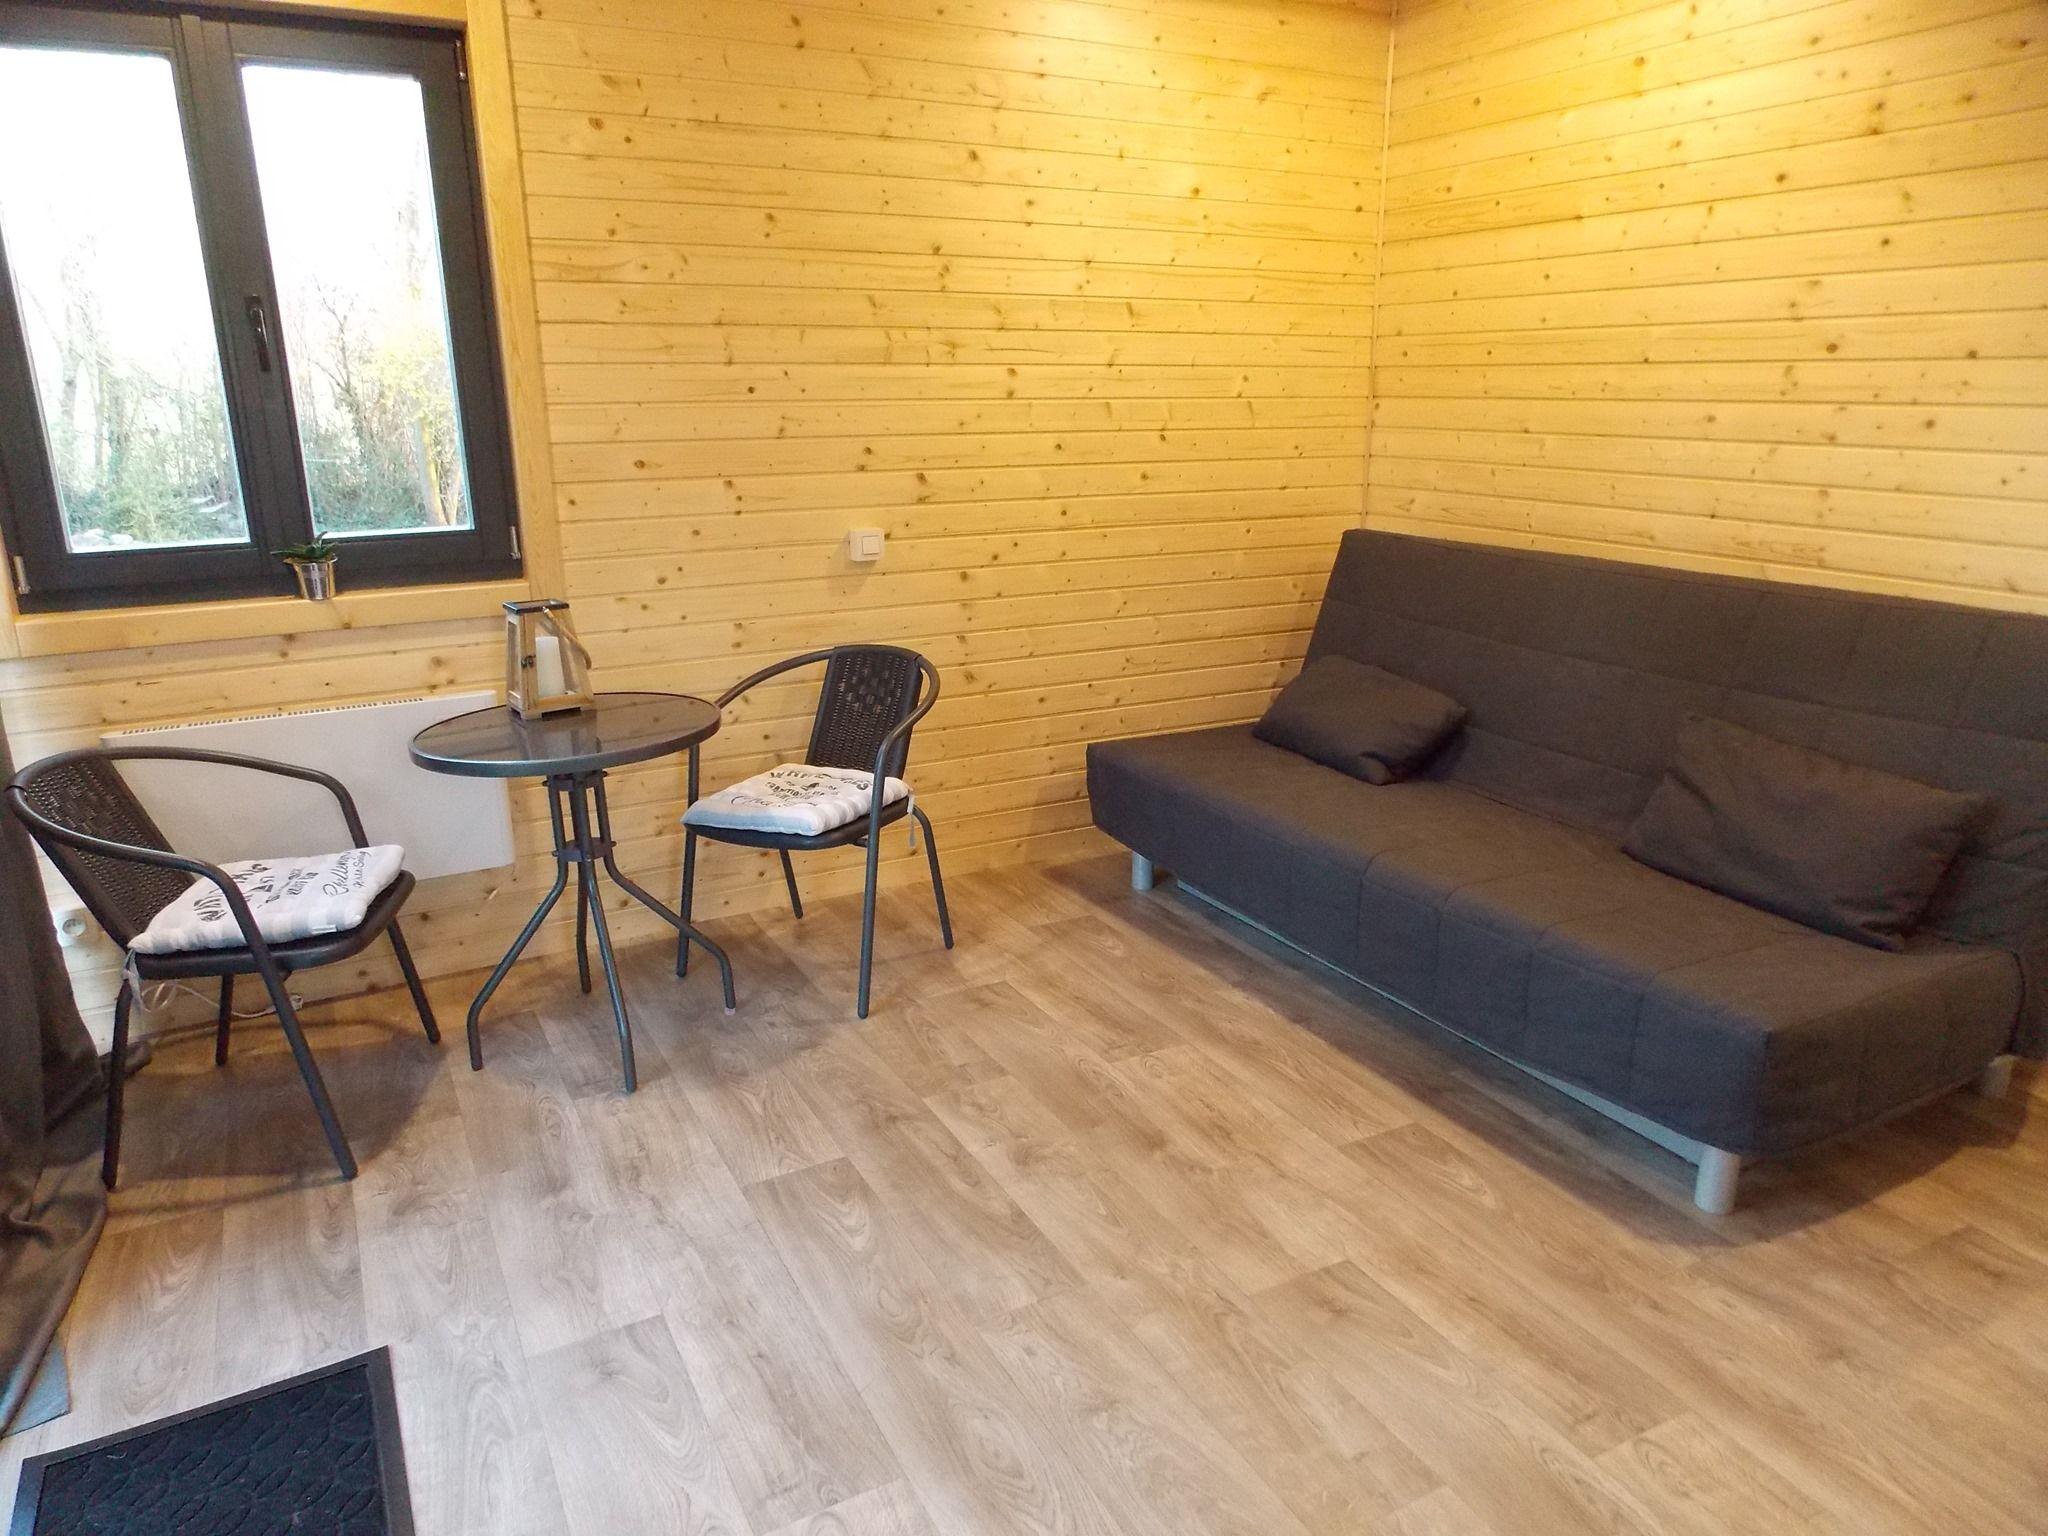 Vous Souhaitez Profiter De Vos Prochaines Vacances Pour Vous Offrir Une Escapade En Belgique Decouvrez Wood Om Cocoon In 2020 Home Decor Furniture Outdoor Furniture